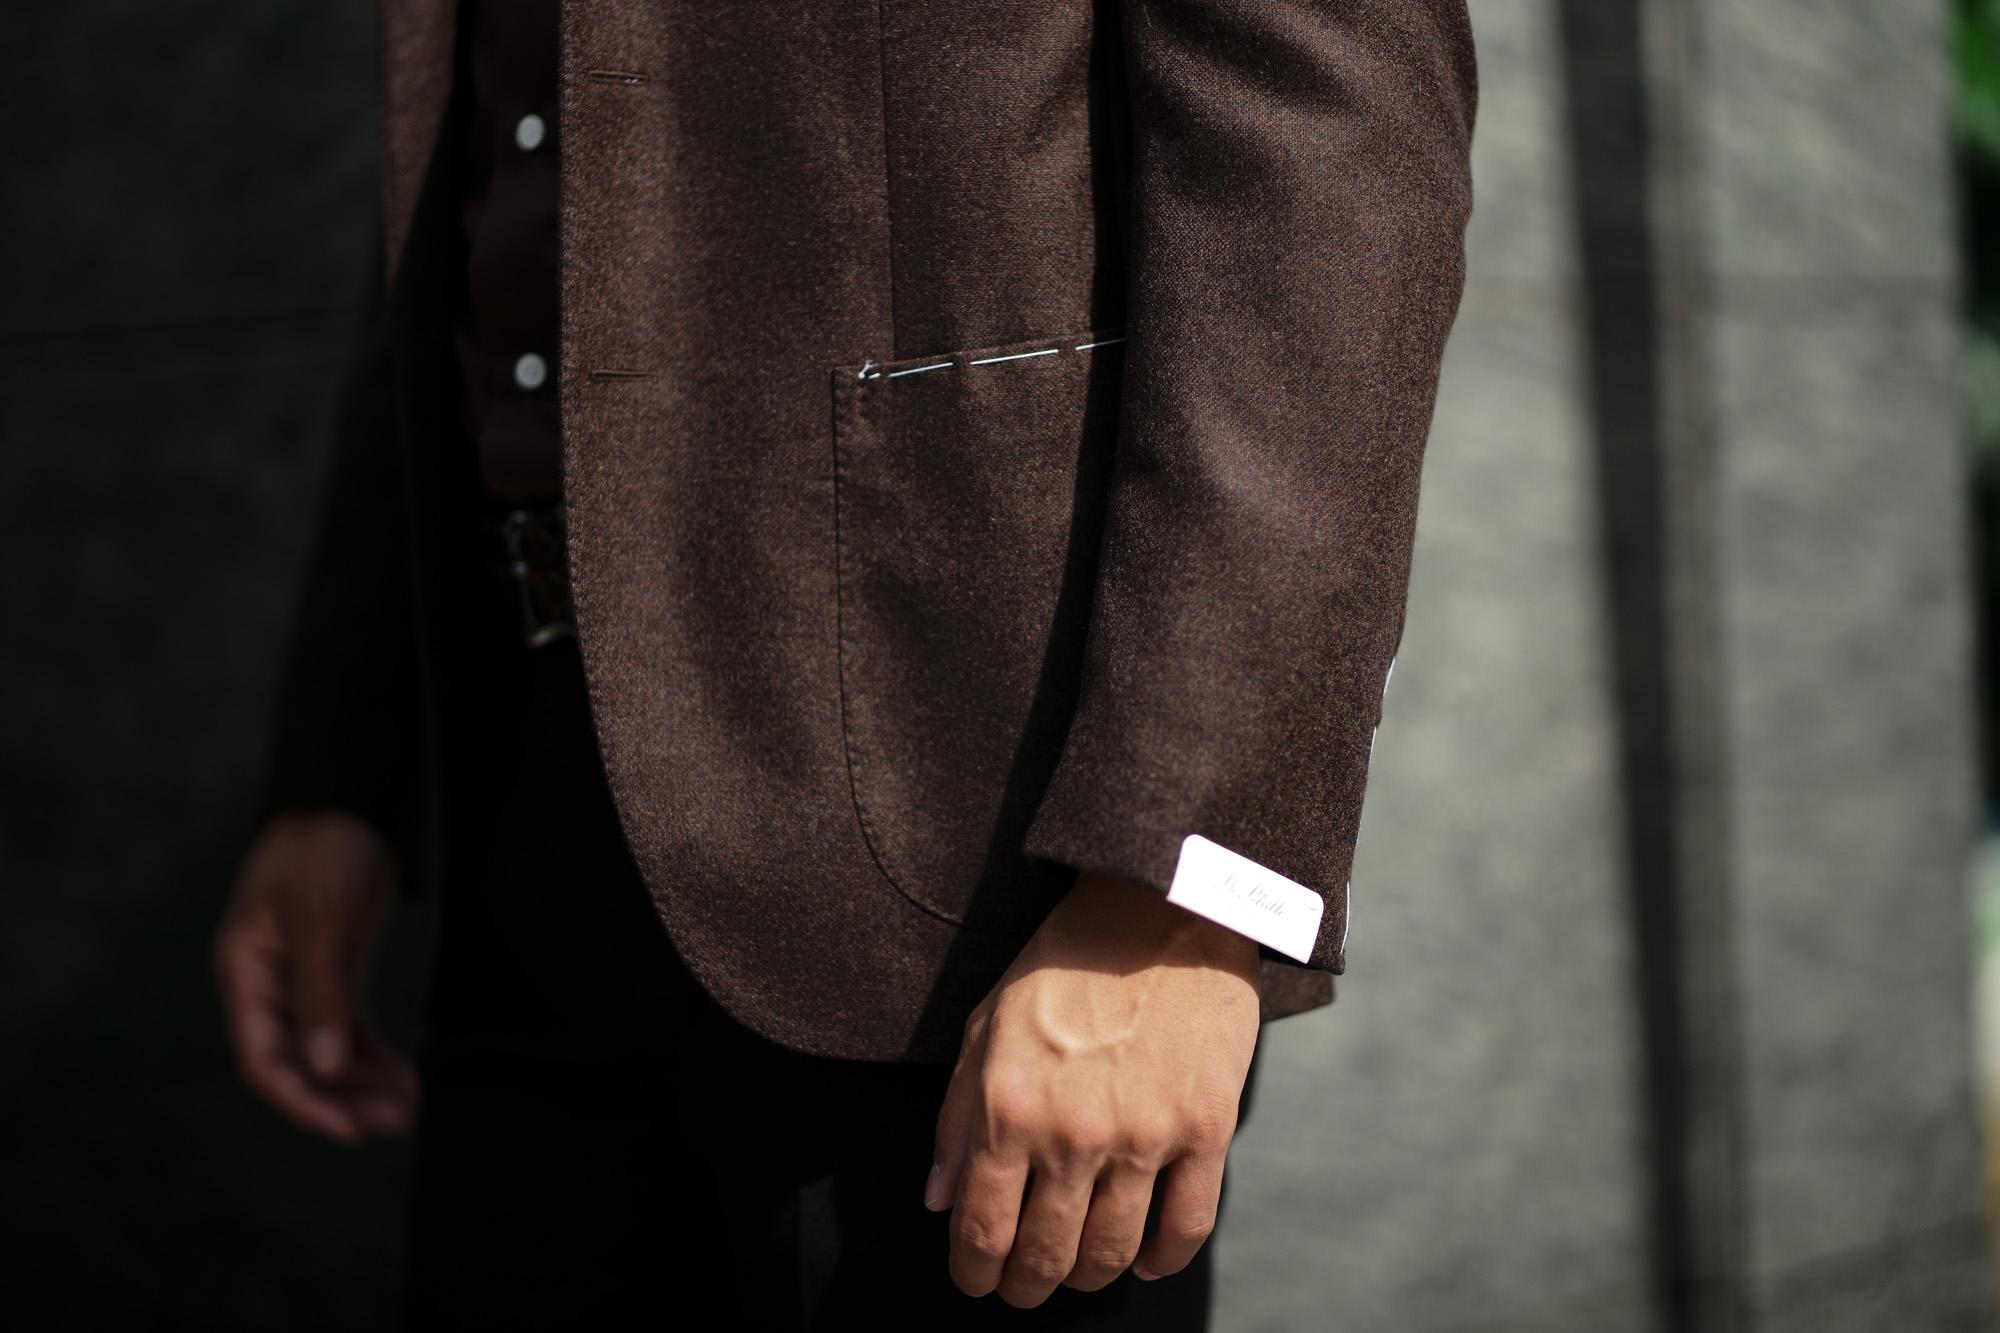 De Petrillo (デ ペトリロ) NAPOLI Posillipo (ナポリ ポジリポ) カシミア モールスキン 段返り3B ジャケット BROWN (ブラウン・358) Made in italy (イタリア製) 2019 秋冬 【ご予約受付中】 depetrillo デペトリロ 愛知 名古屋 altoediritto アルトエデリット